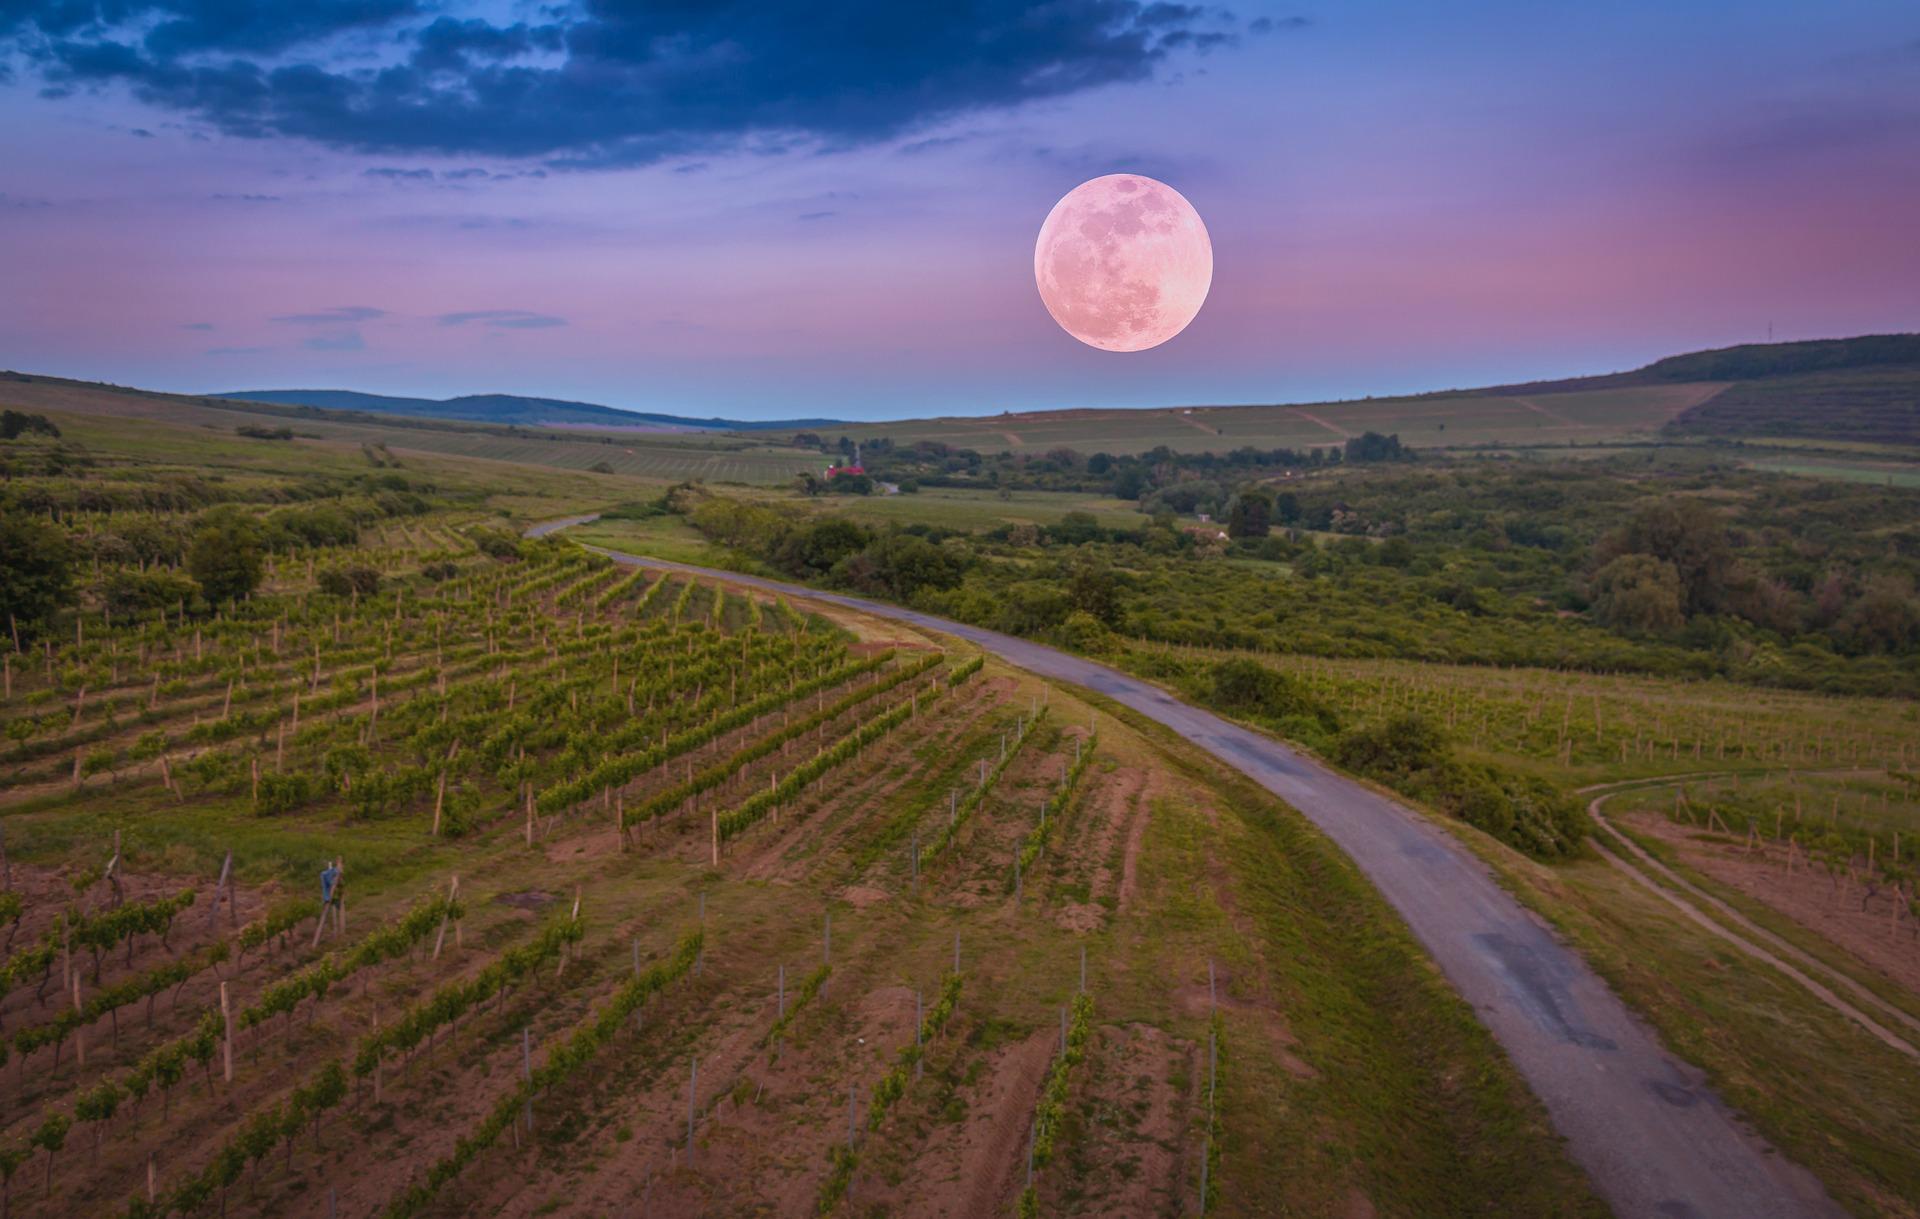 západ slunce nad vinicí